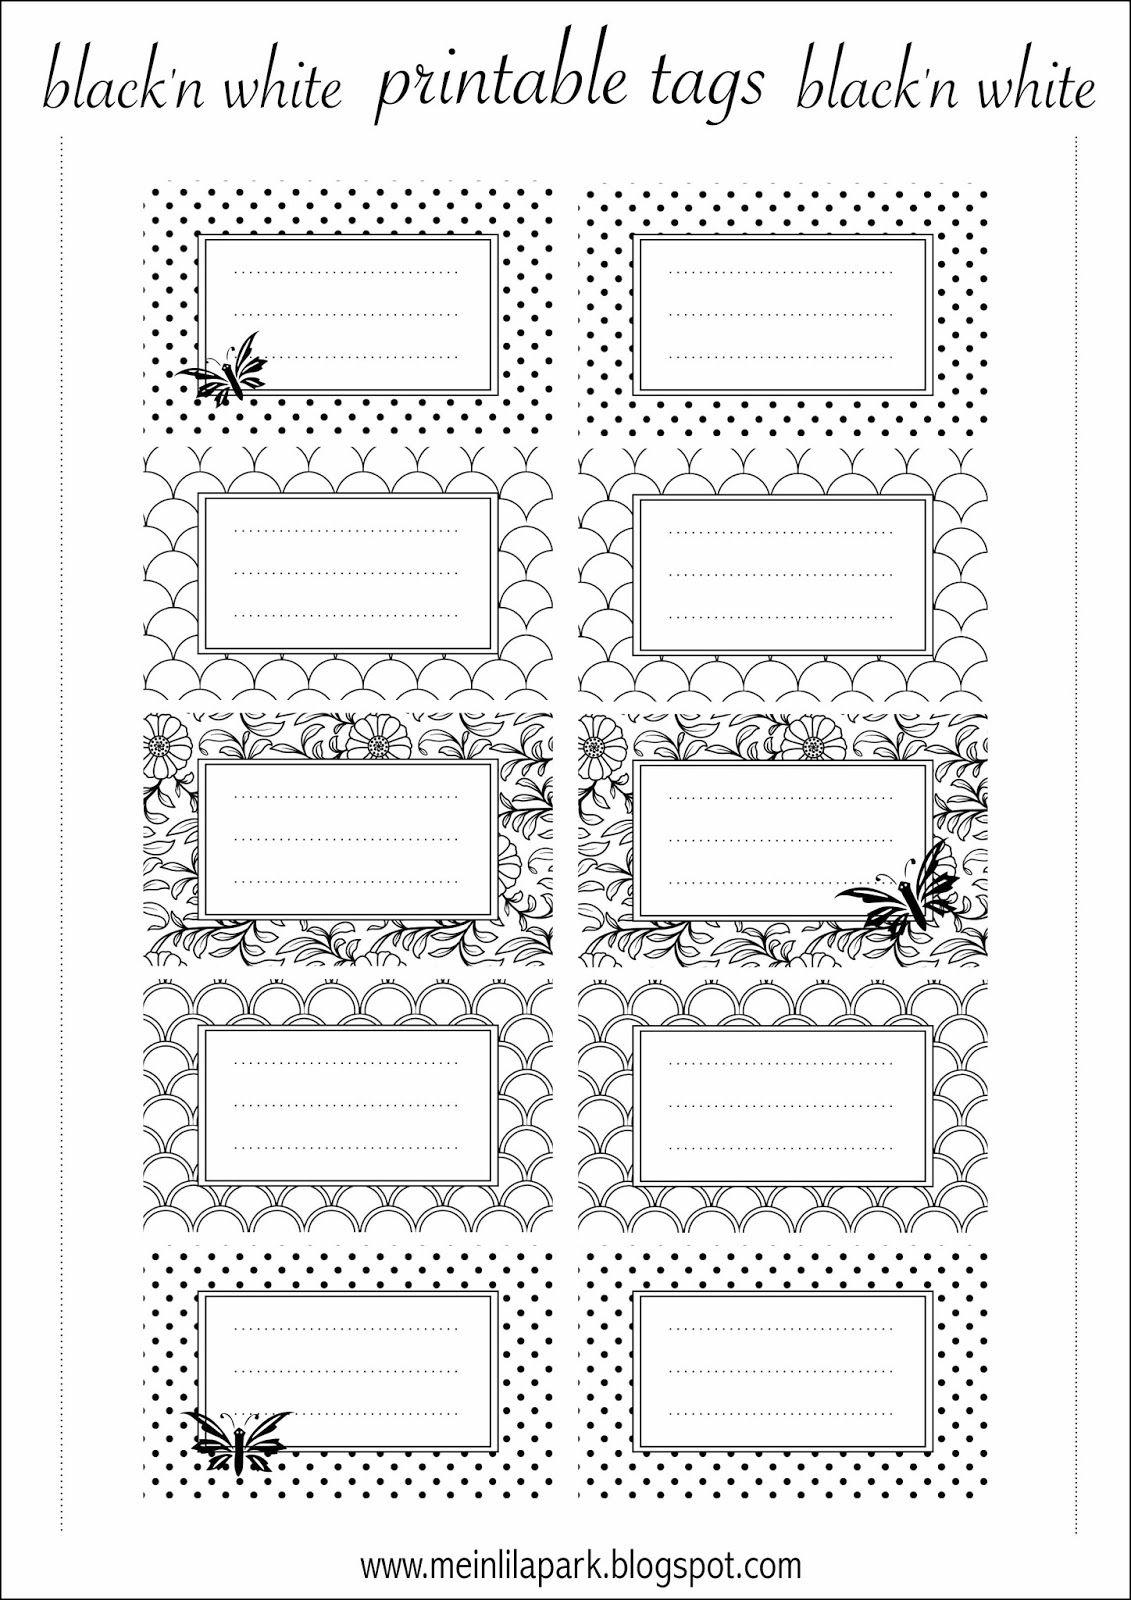 Free Printable Tags Black And White - Ausdruckbare Etiketten verwandt mit Namensschilder Selber Drucken Vorlagen